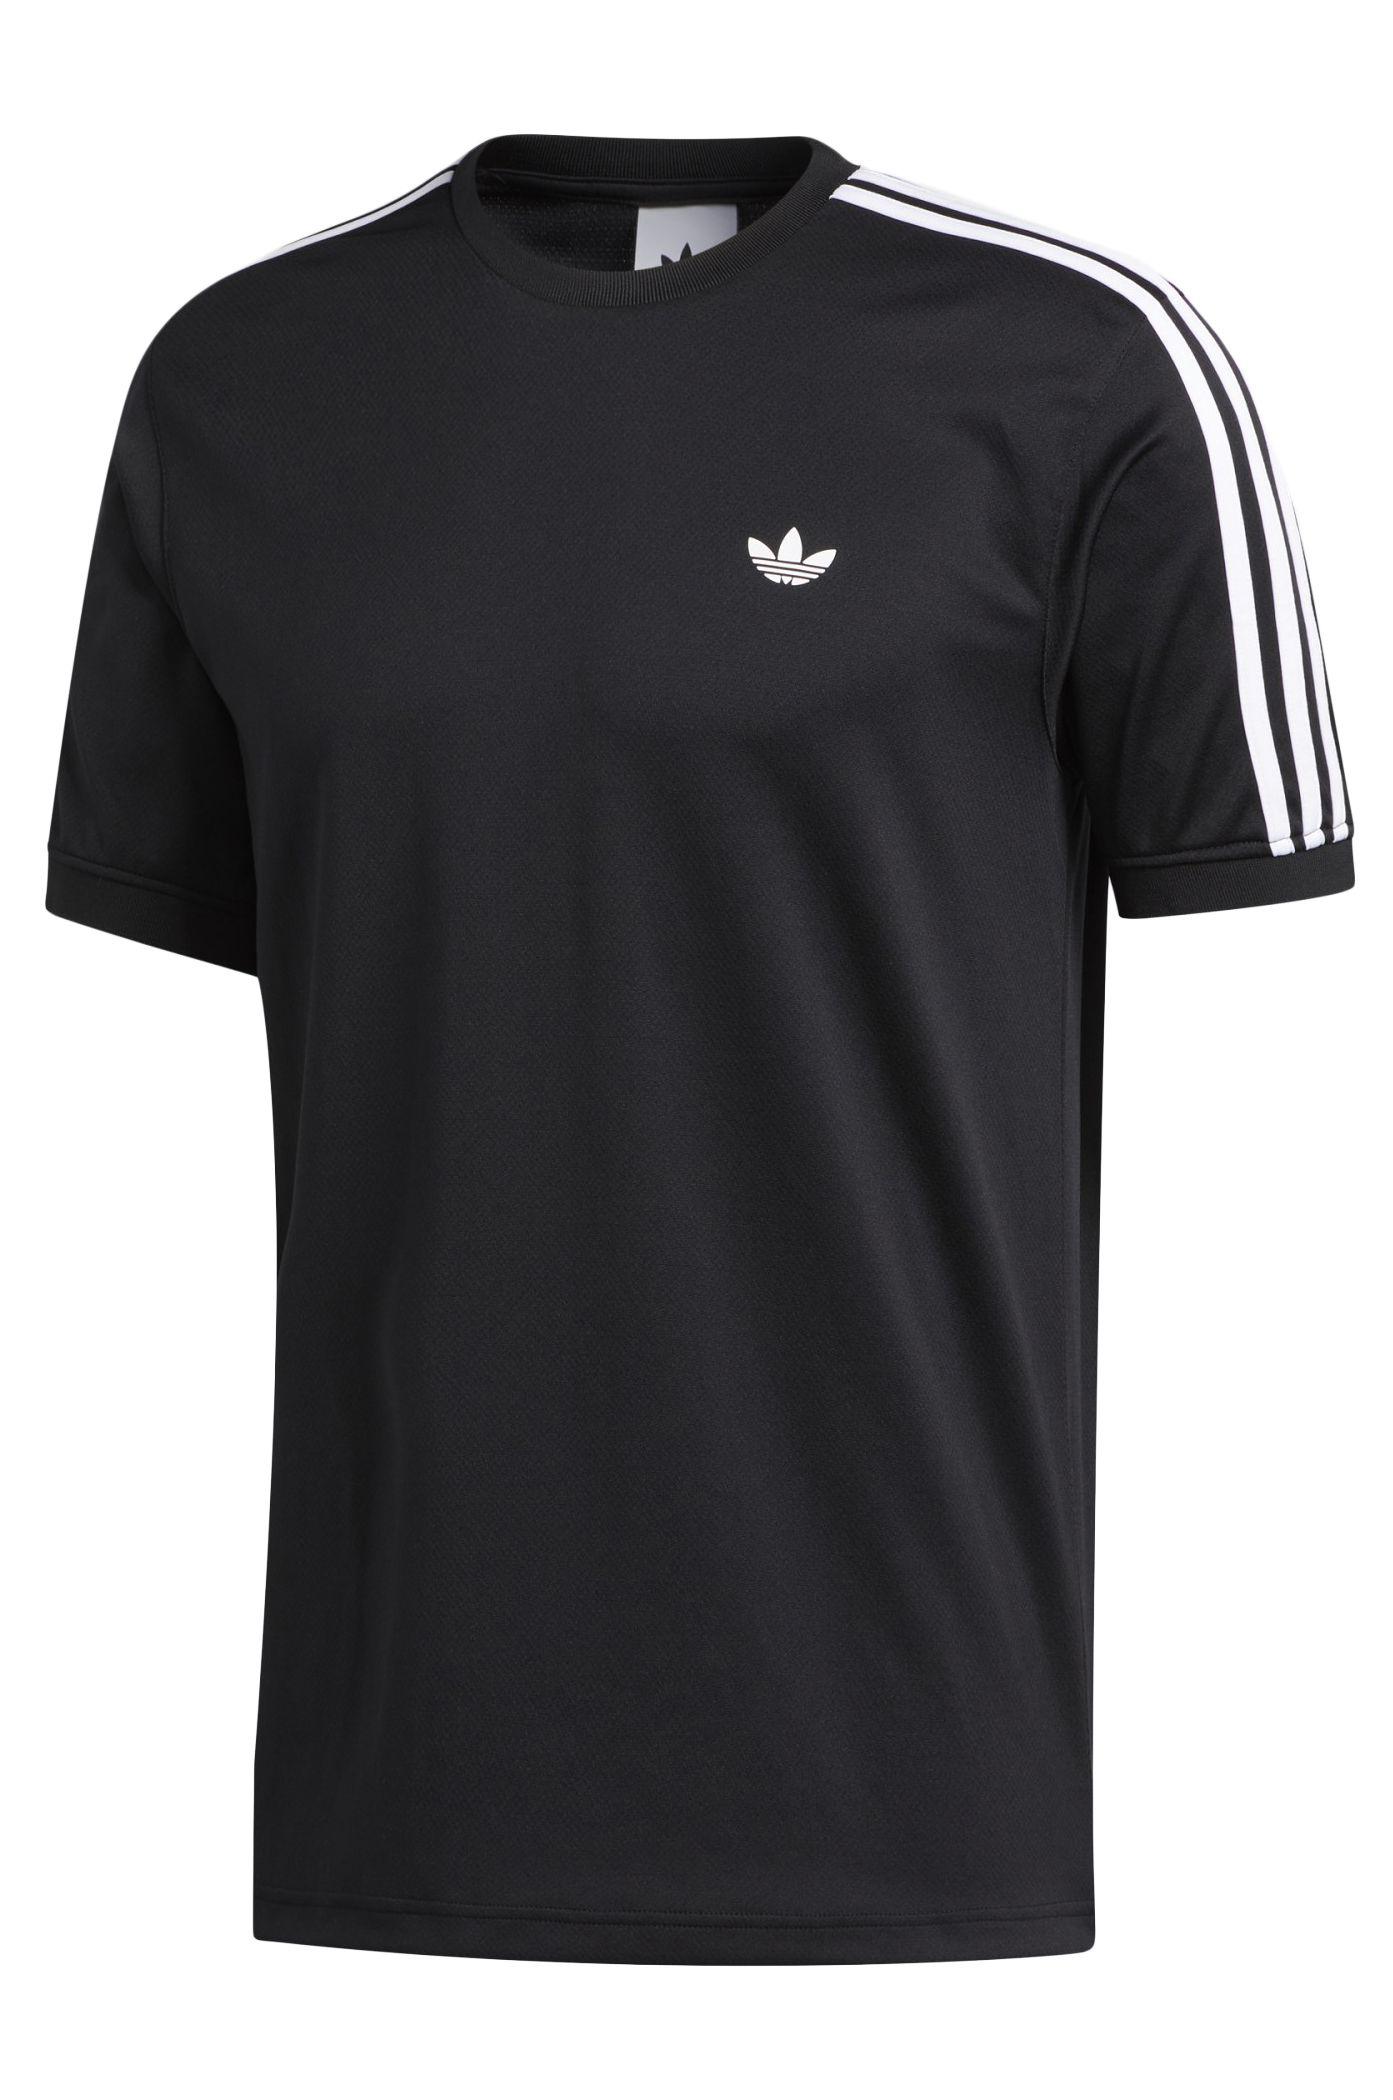 Adidas T-Shirt AERO CLUB JRSY Black/White